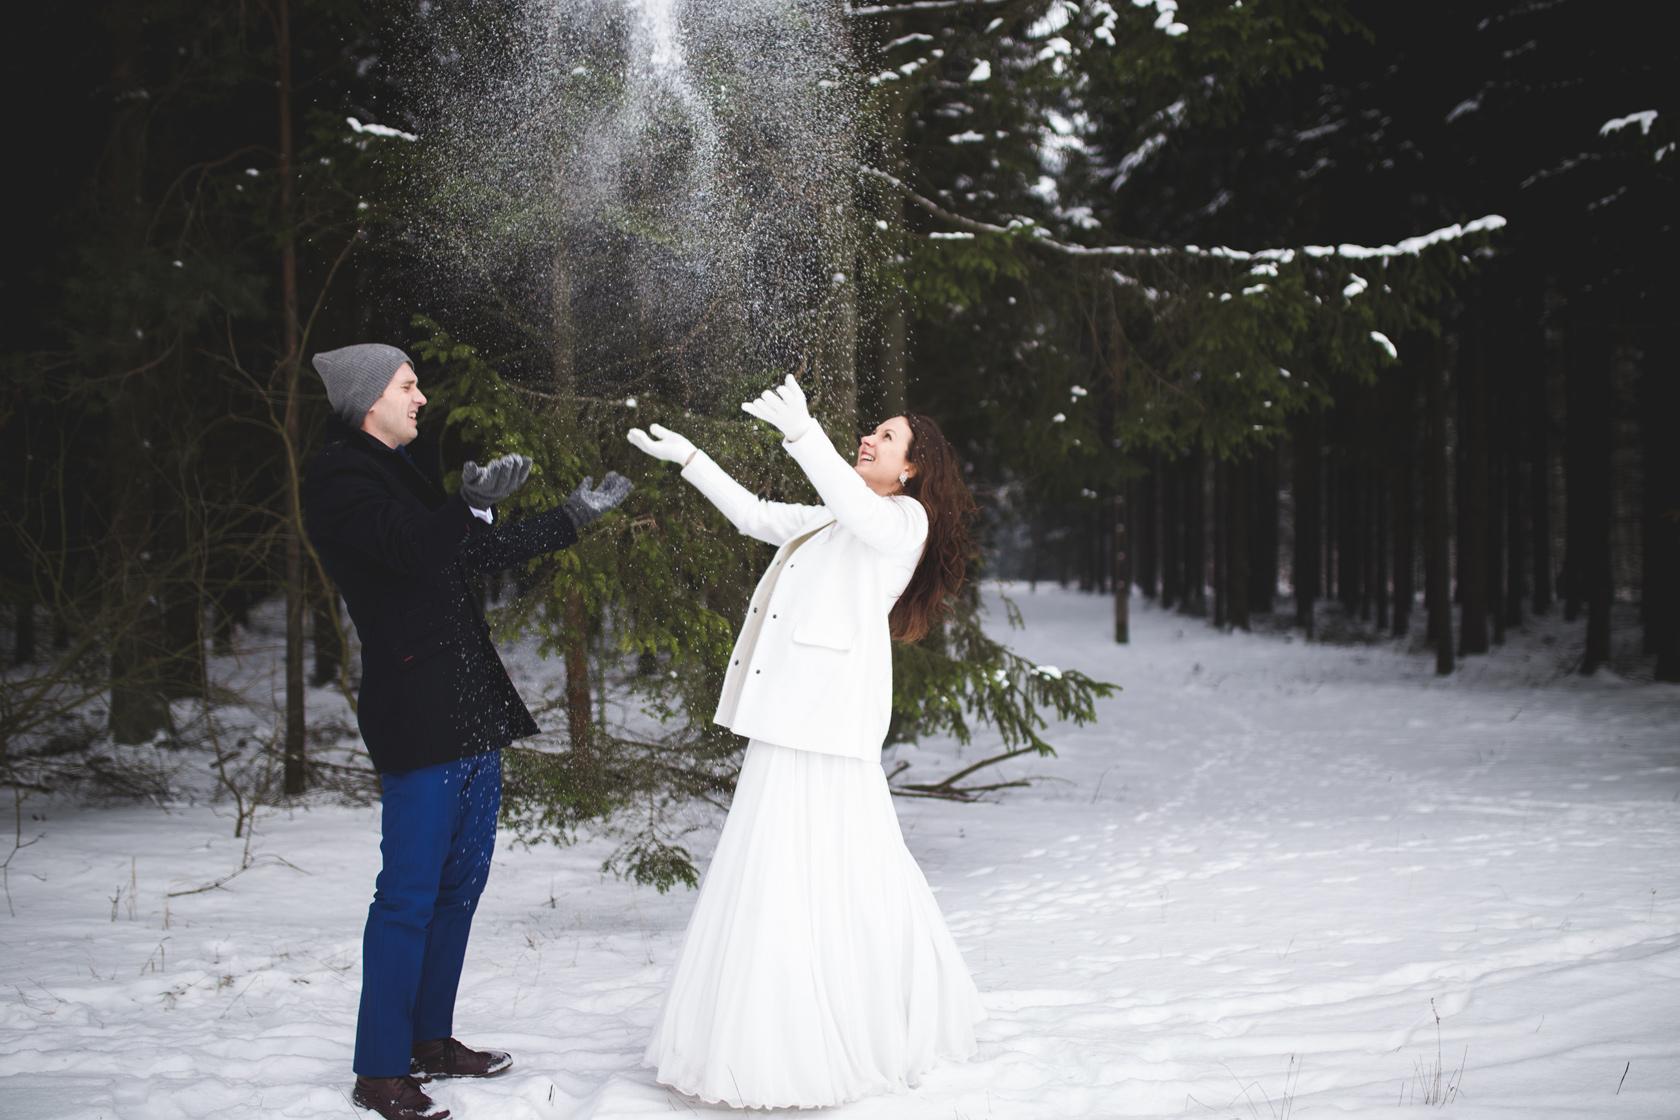 fotograf ślubny (32)